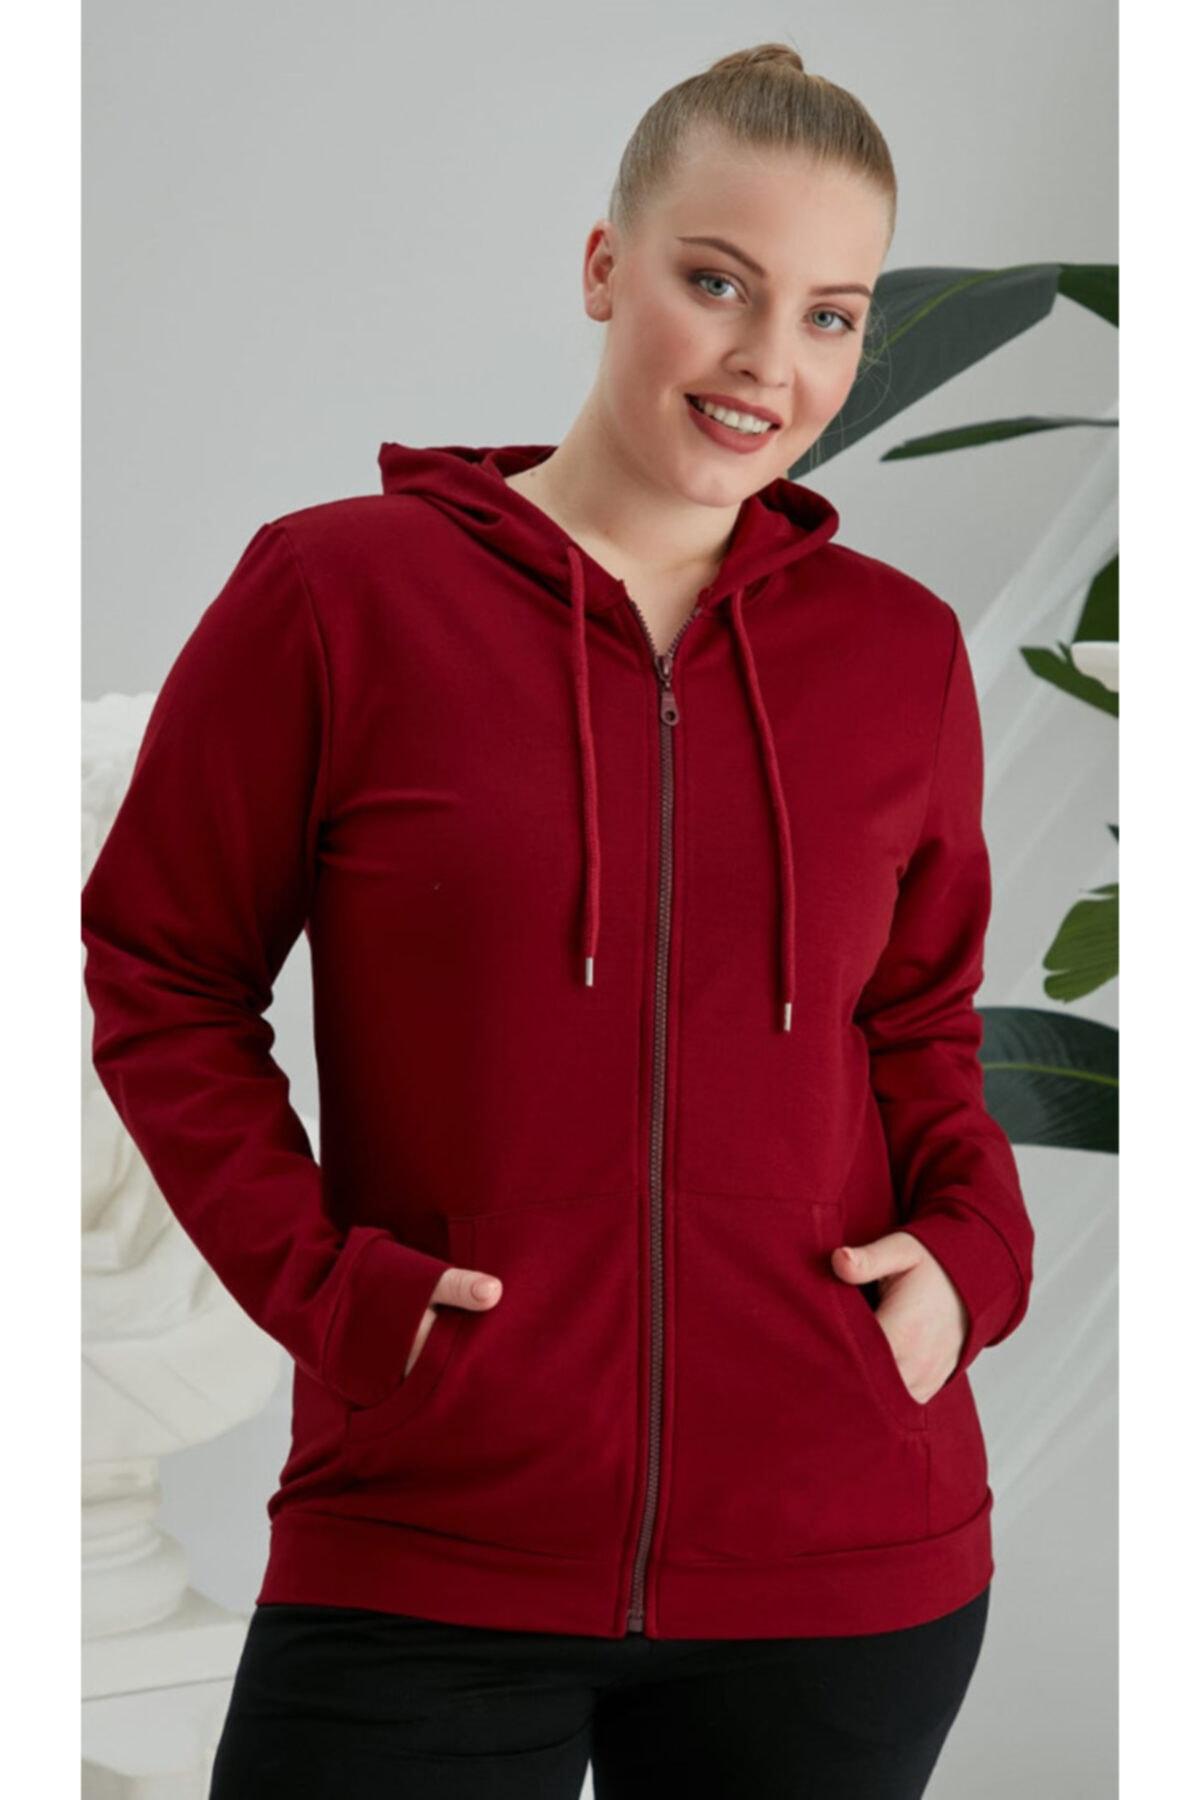 RMG Kadın Kırmızı Büyük Beden Fermuarlı  Sweatshirt 1